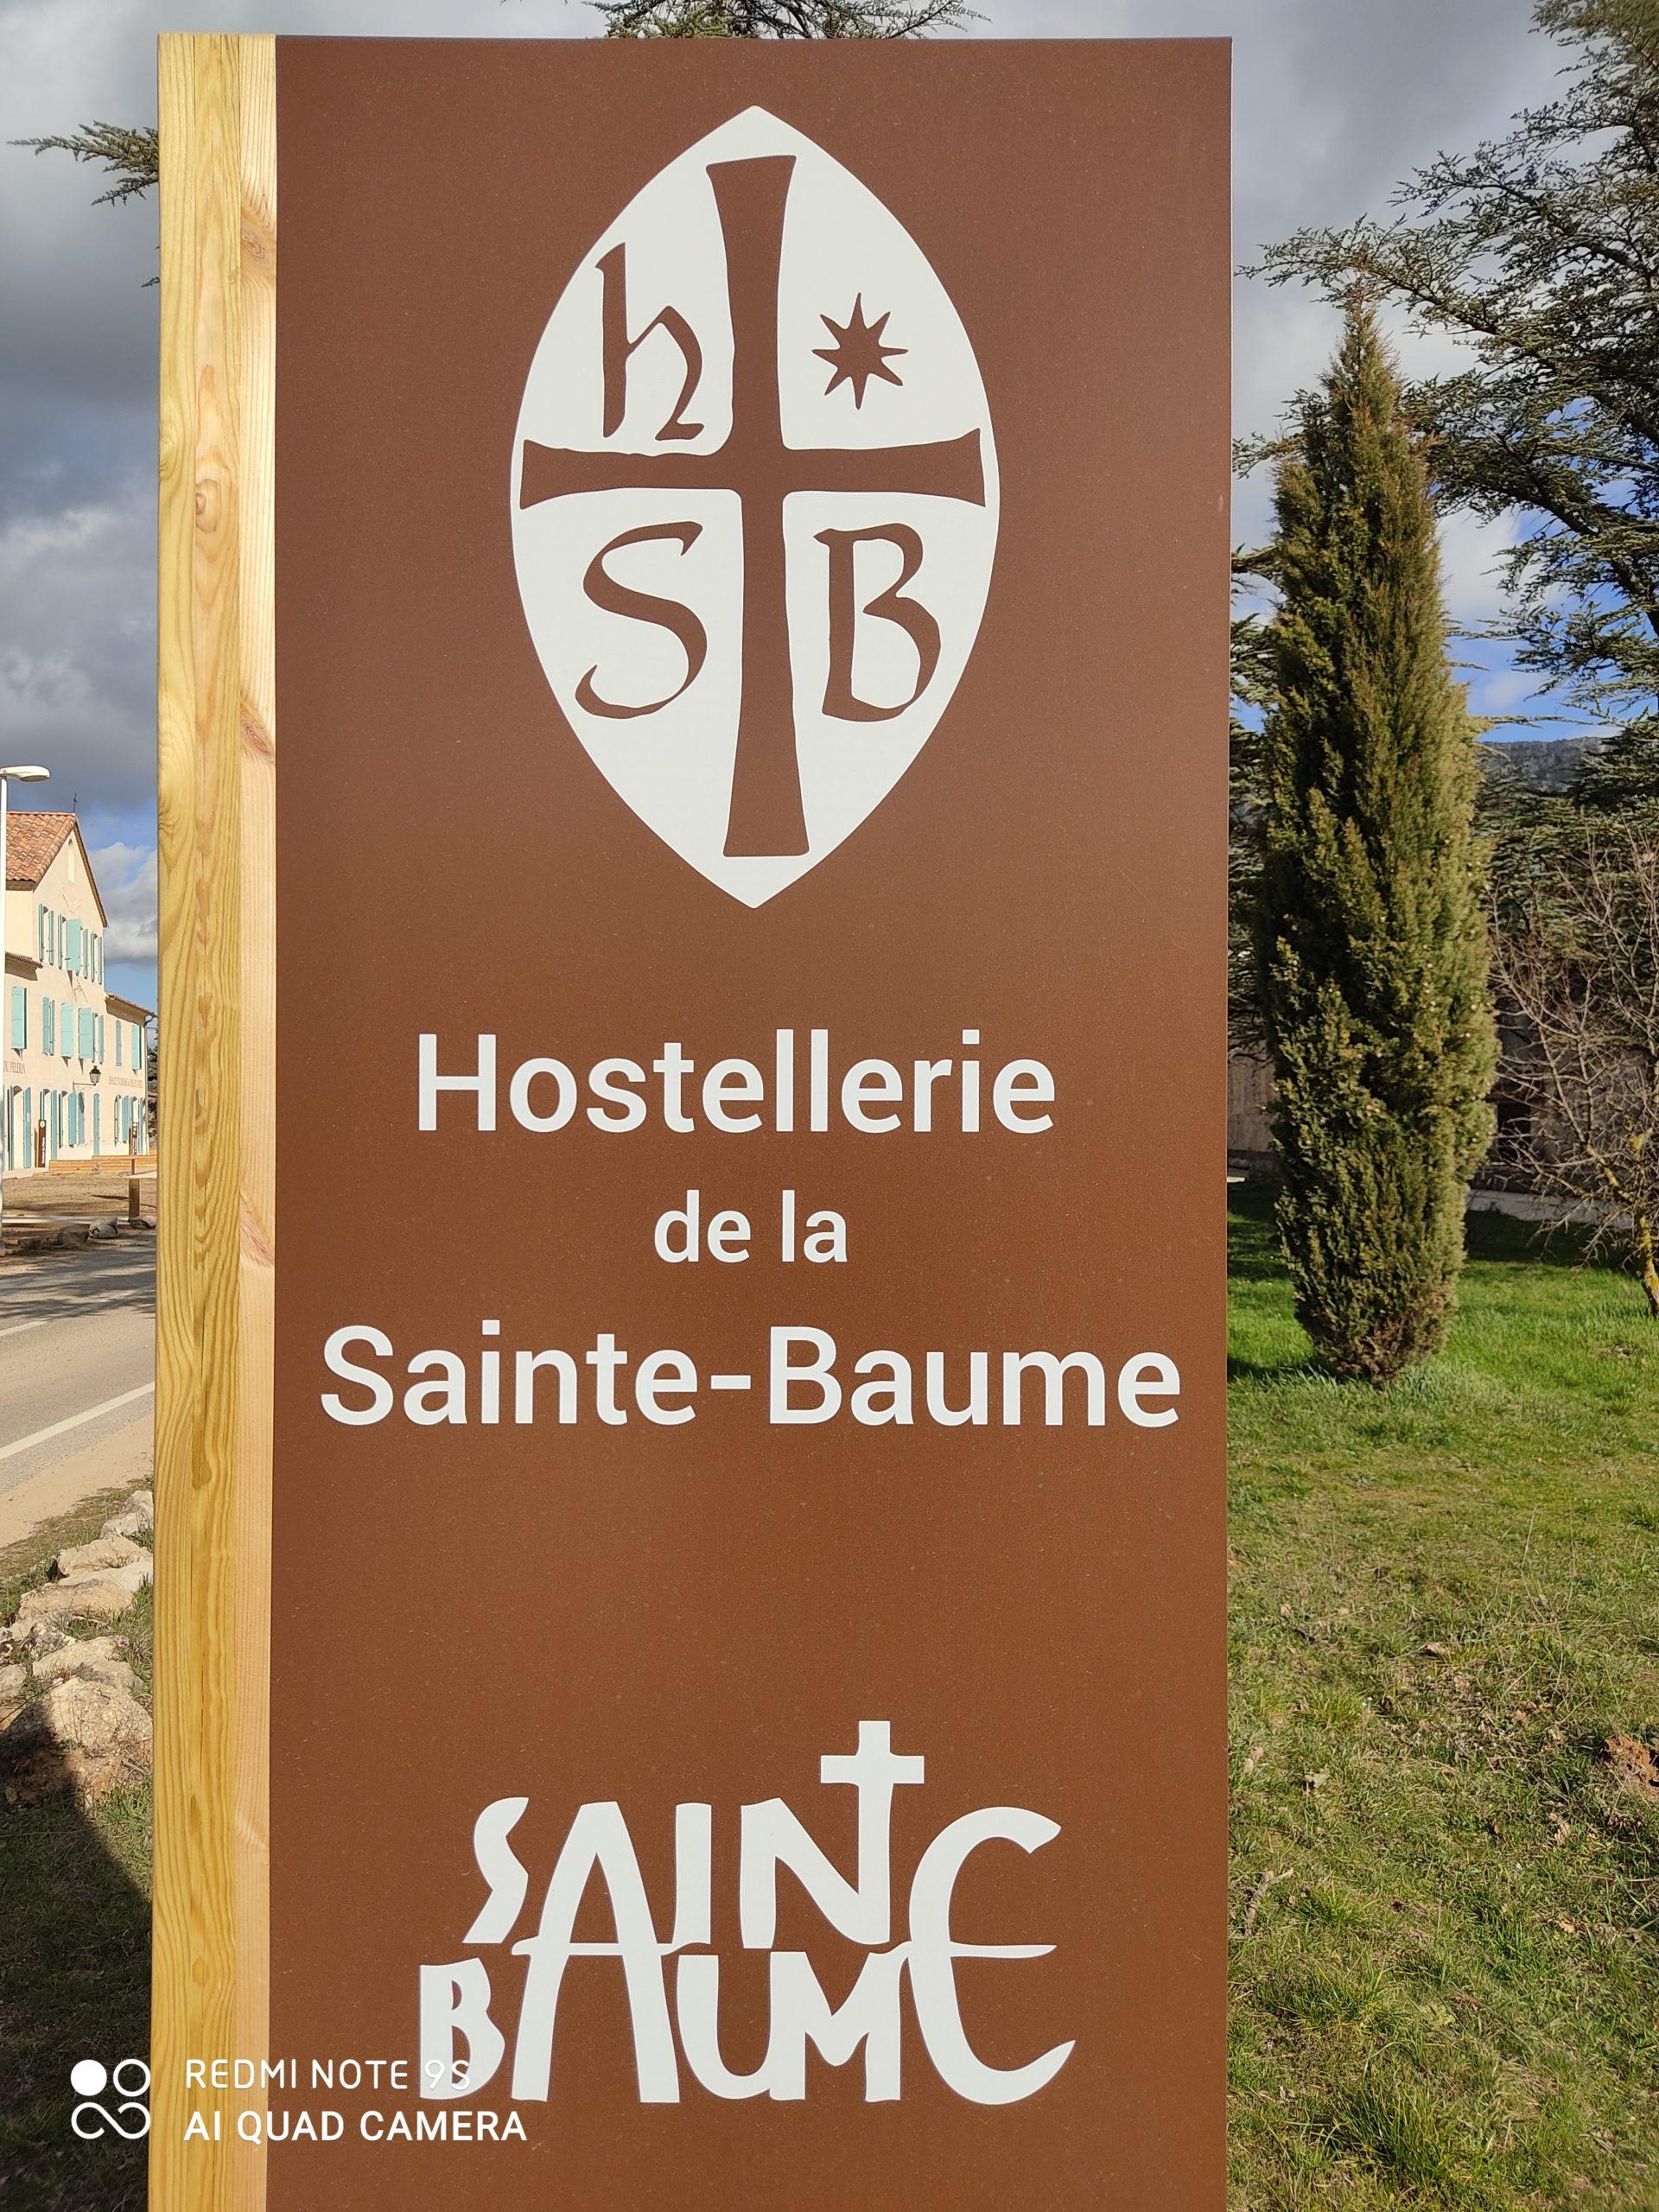 Accueil en Sainte-Baume